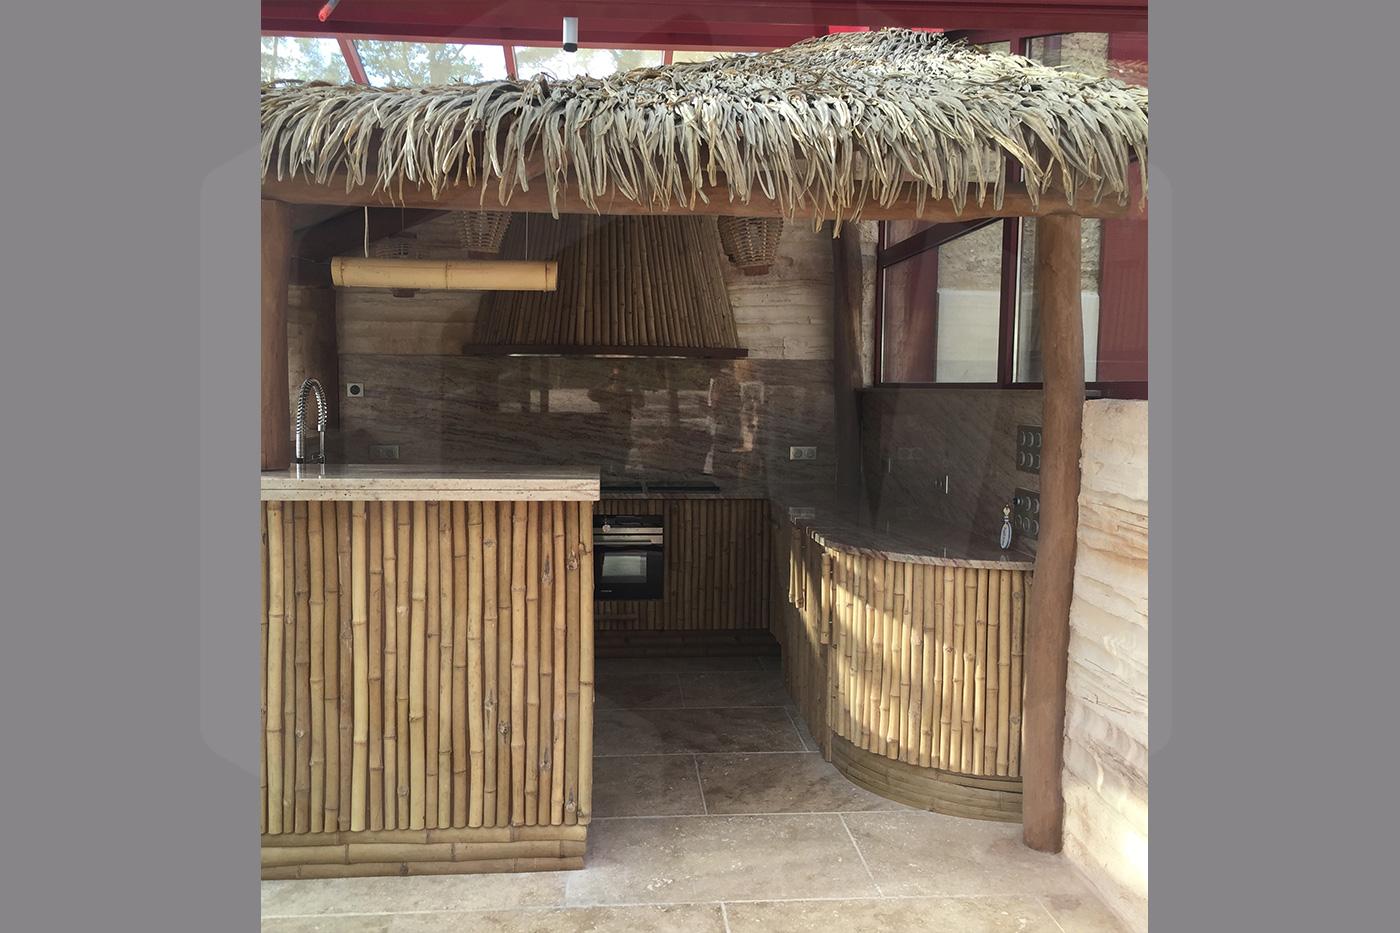 Cozinha_bambo_3